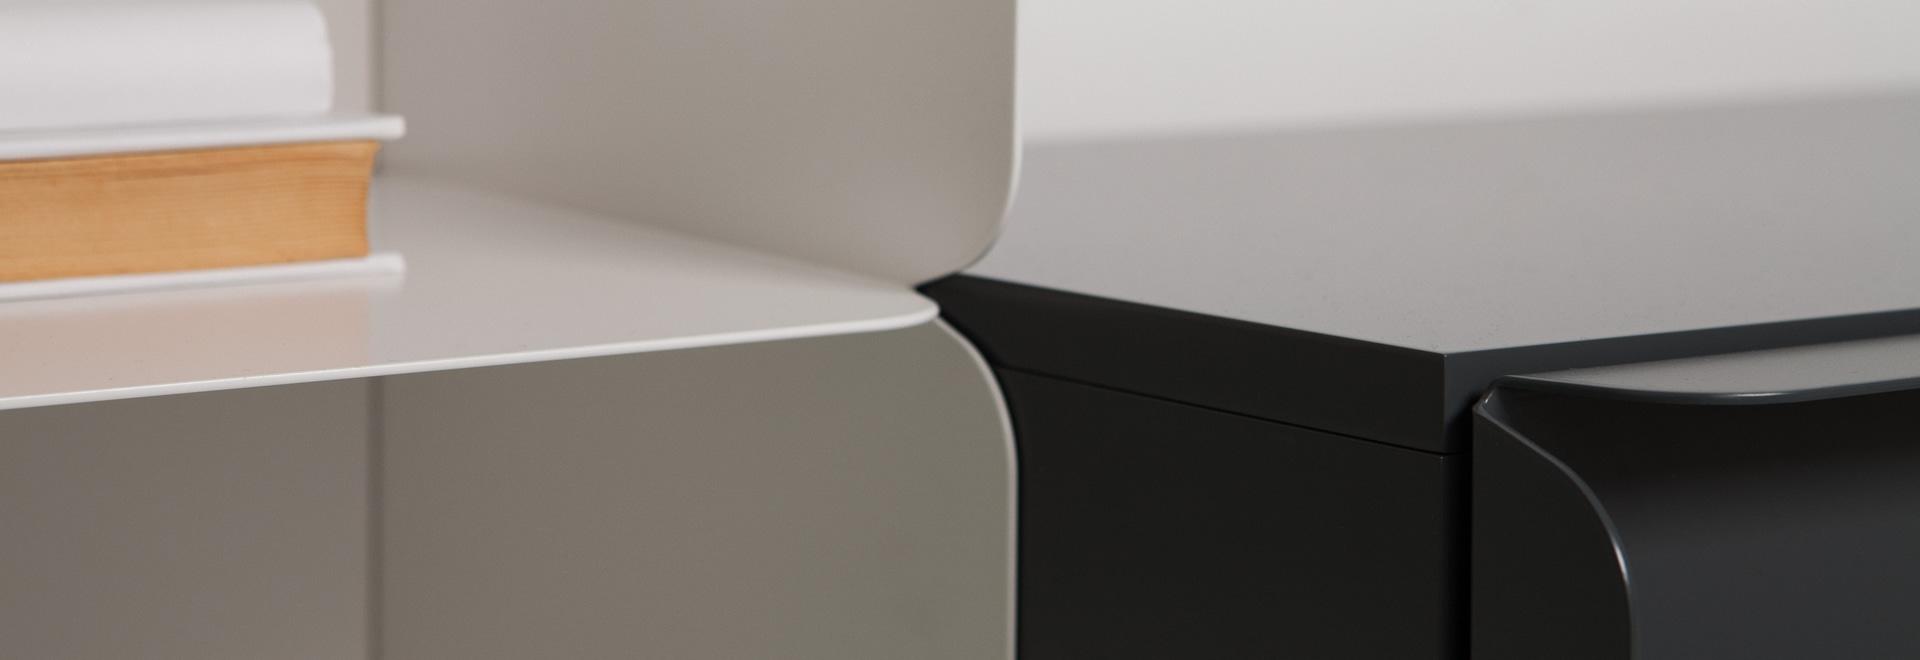 Opinión del detalle de un frente del estante para libros y del gabinete del cuello